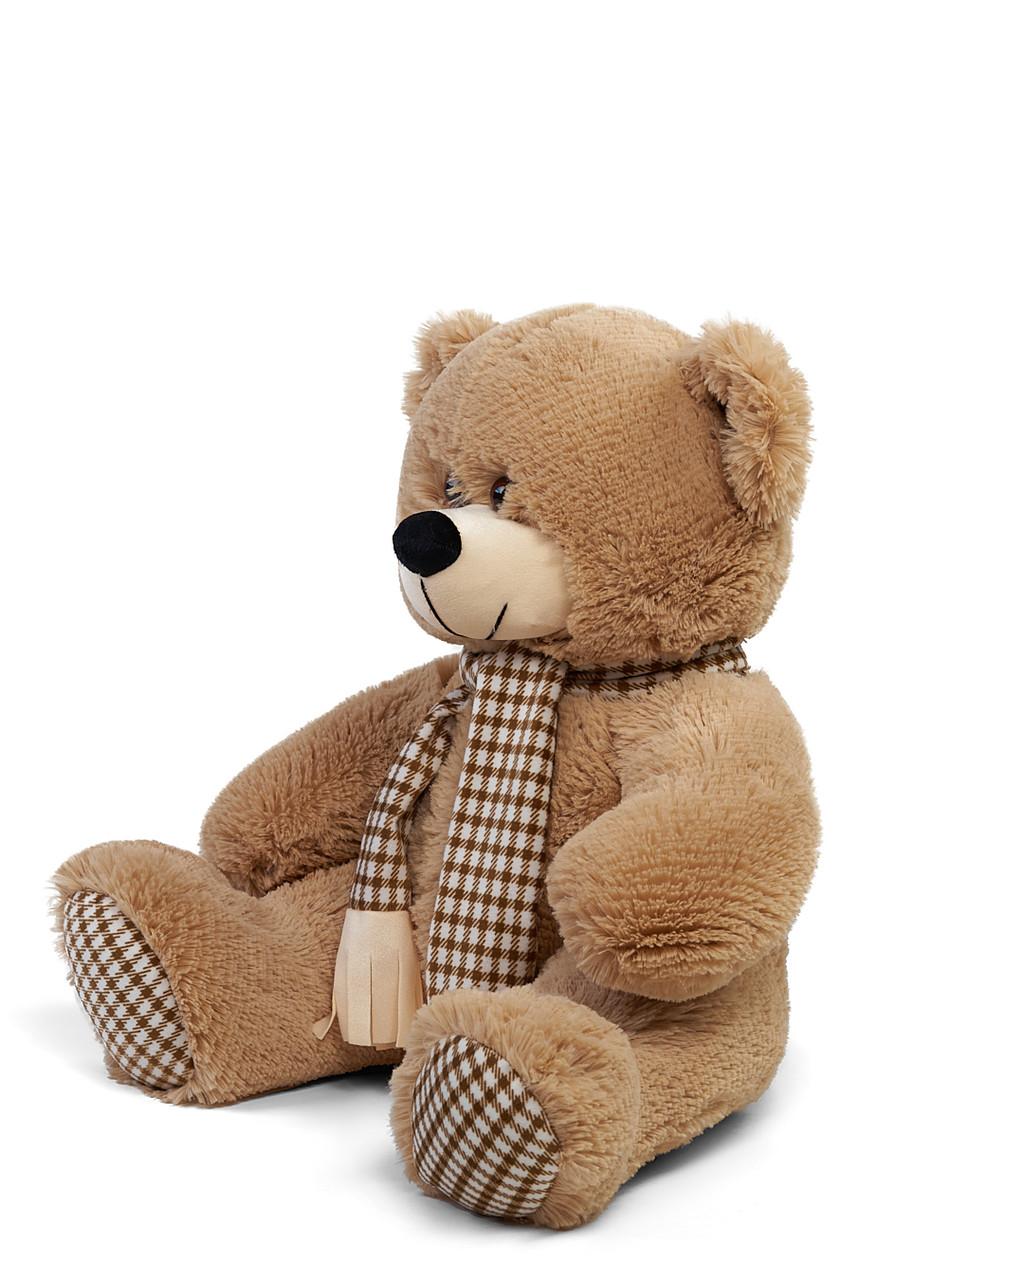 Мягкая игрушка медведь плюшевый с шарфом Сеня 250 см цвет коричневый   Мишка плюшевый   Мишка от производителя